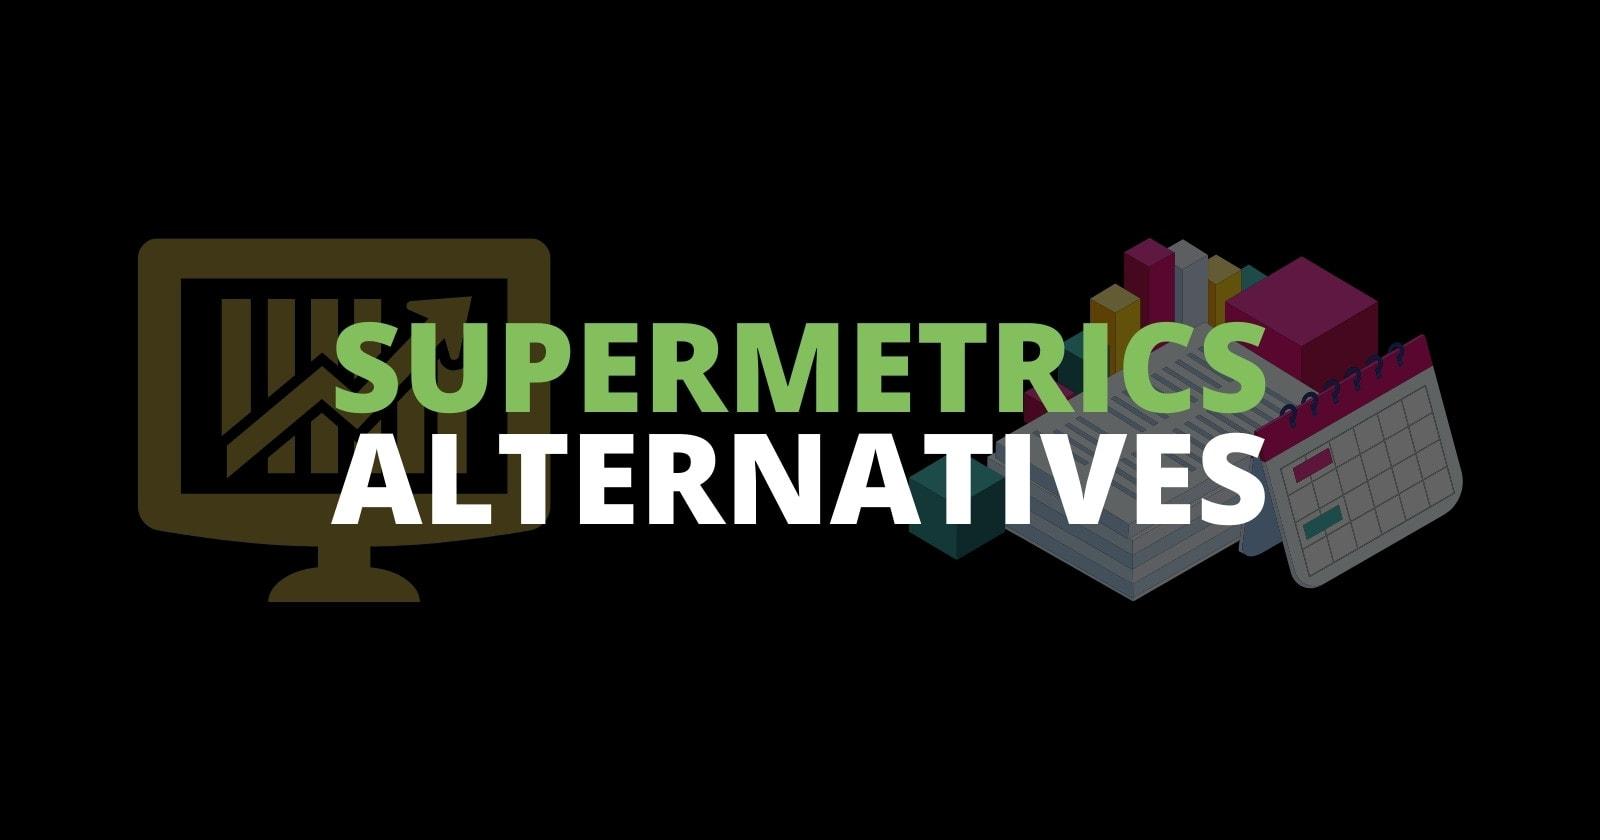 supermetrics alternatives for marketing reporting sm